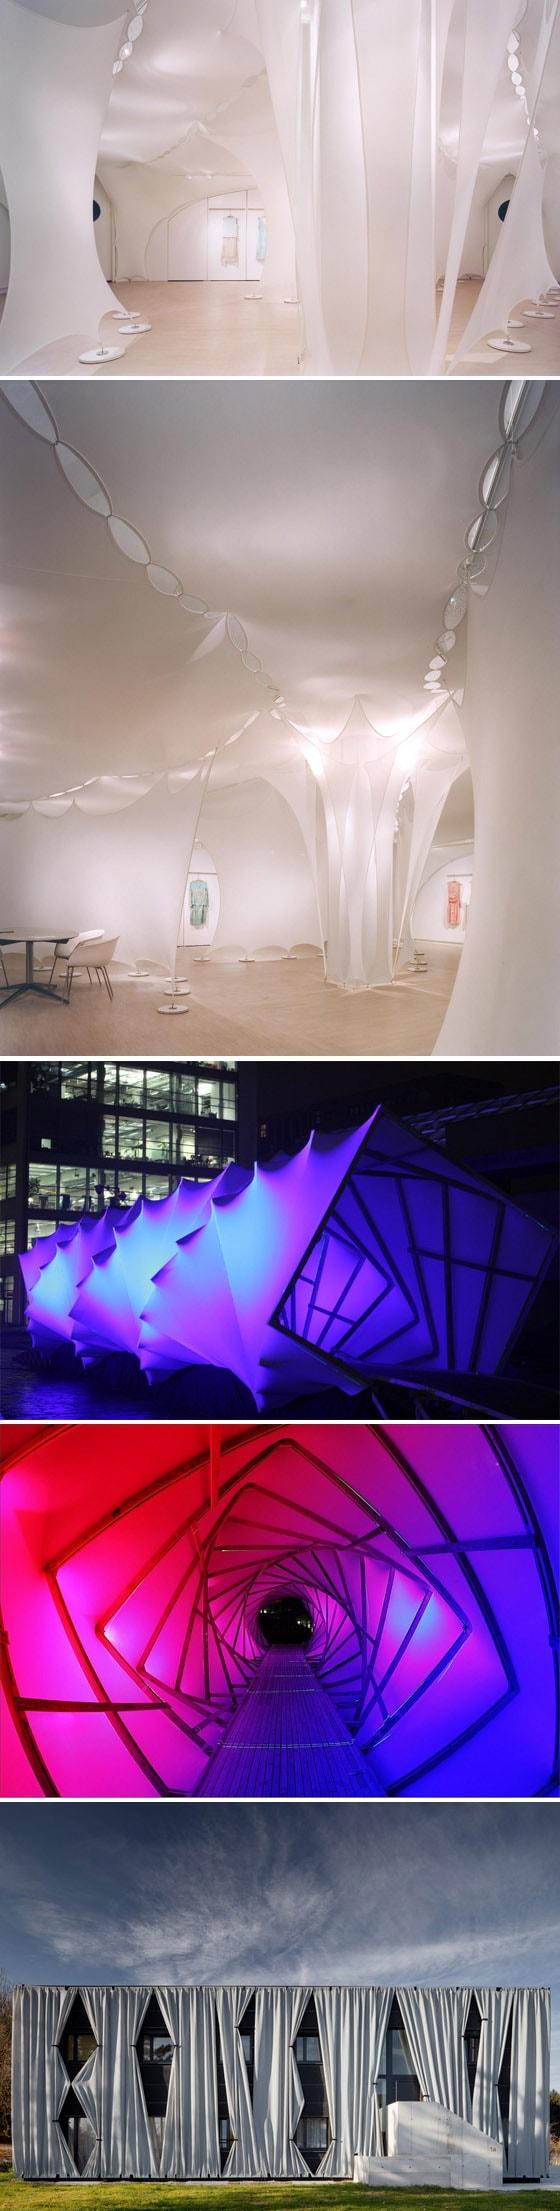 Arquitetura têxtil permite que ambientes interiores e exteriores interajam e se fundam de novas formas stylo urbano